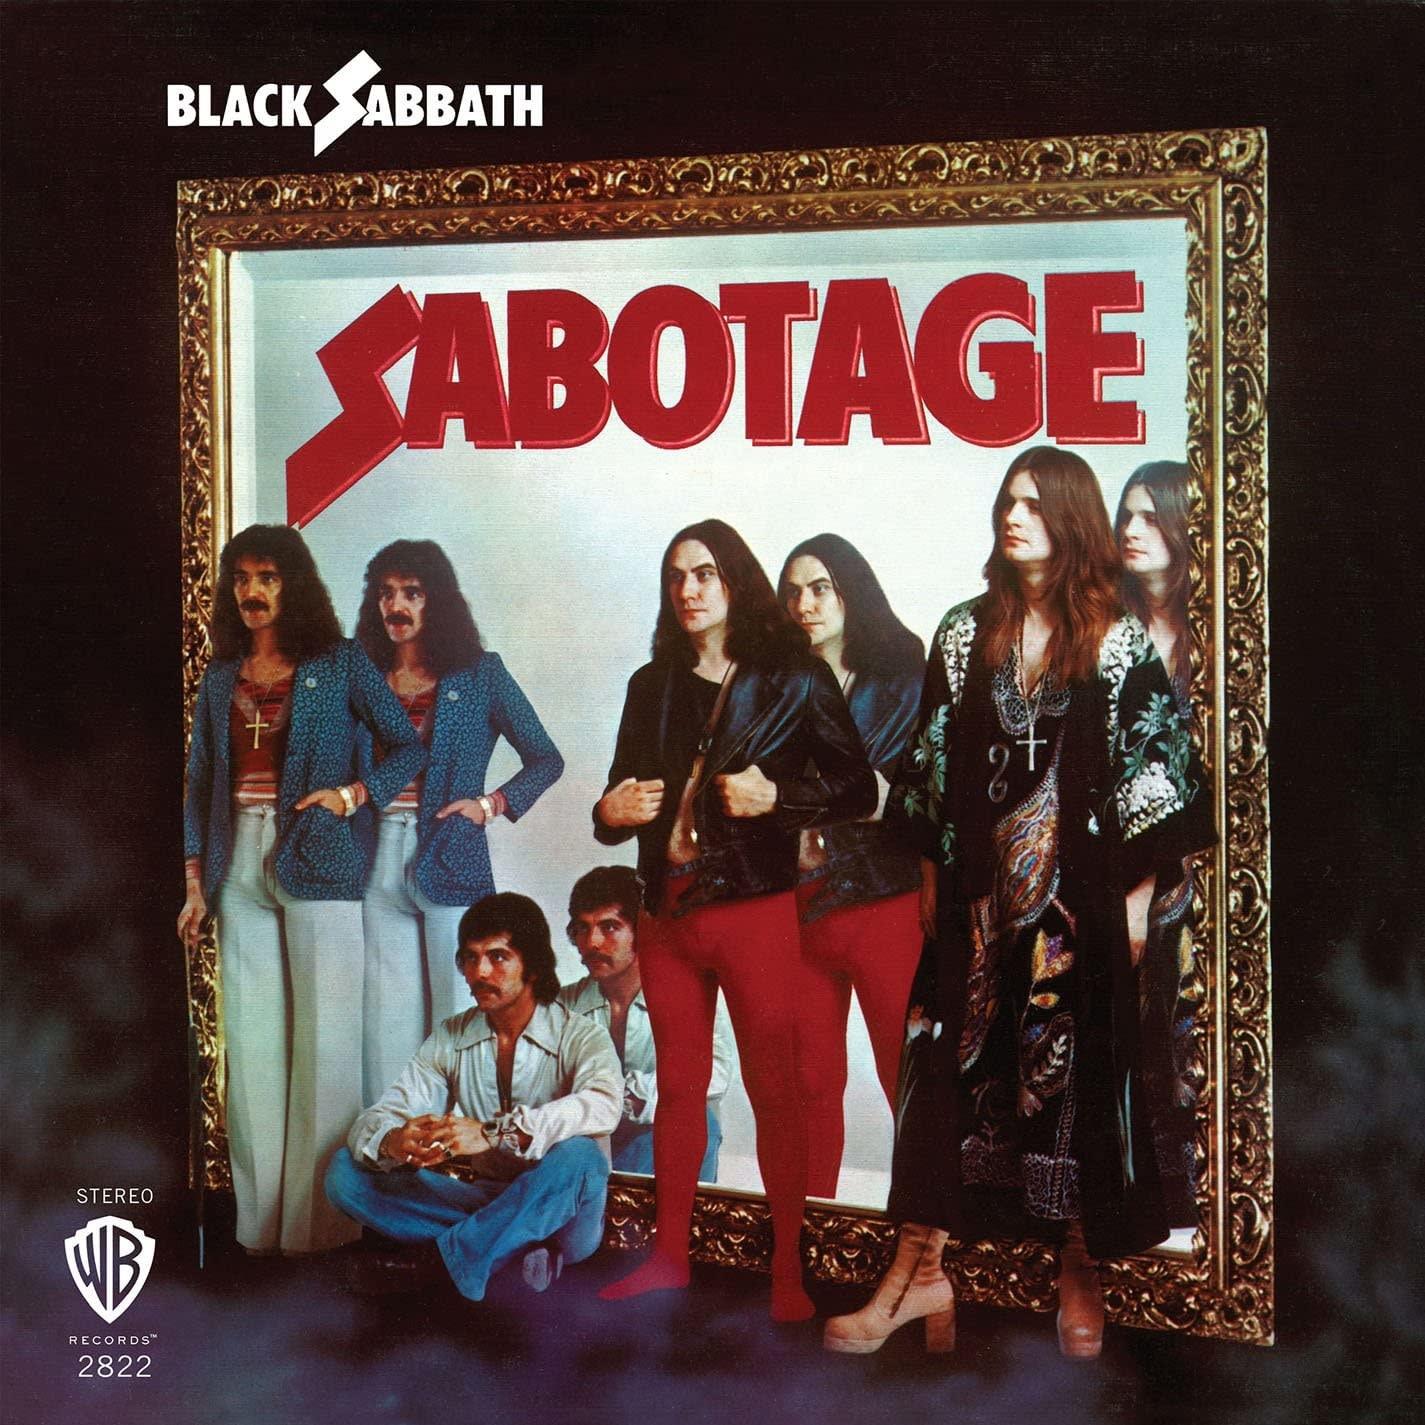 Black Sabbath – Sabotage